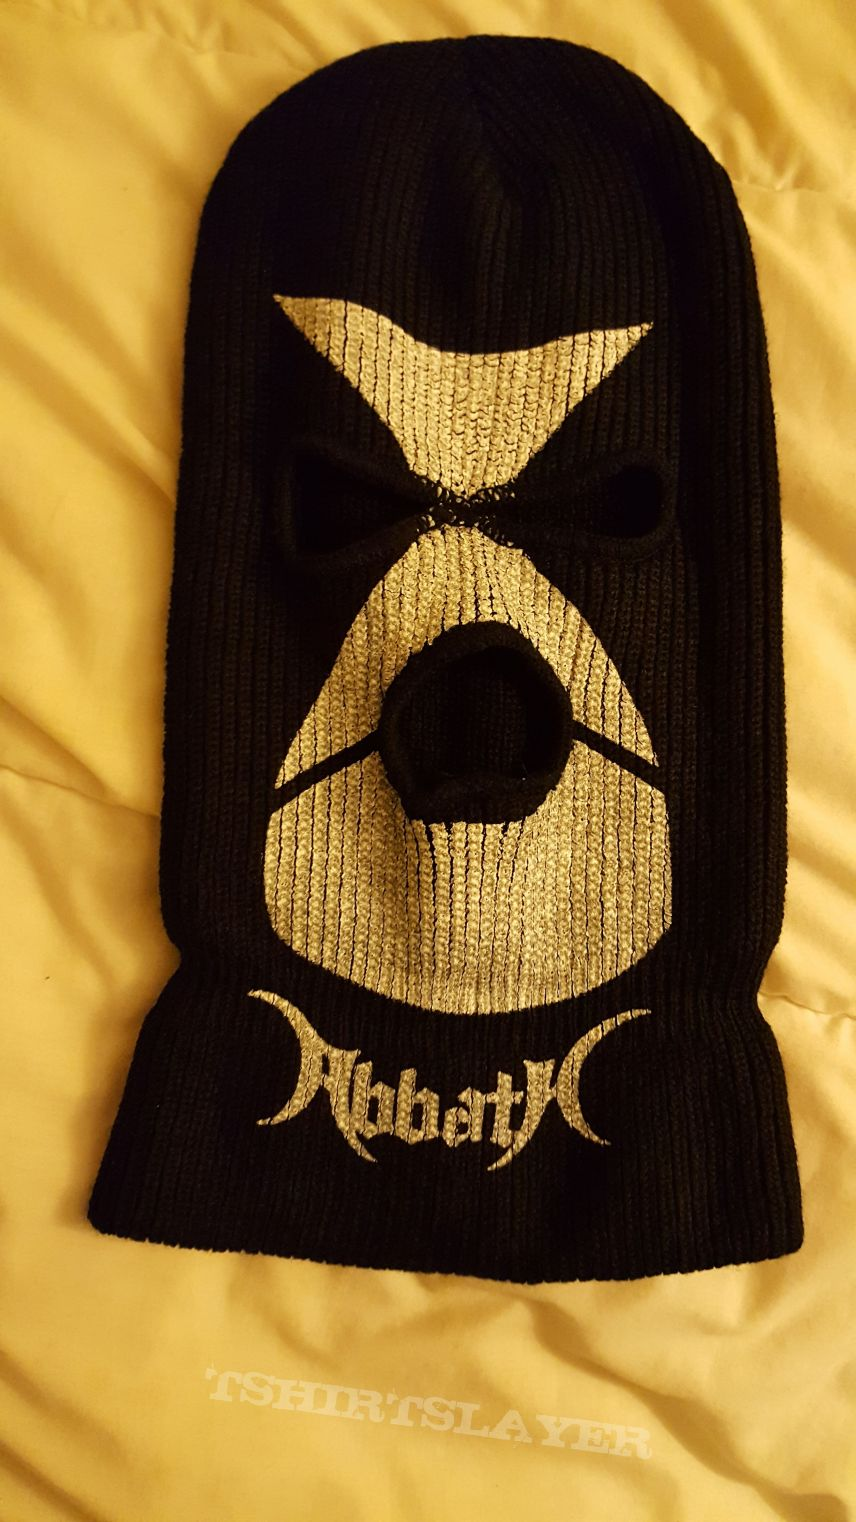 Abbath Ski Mask